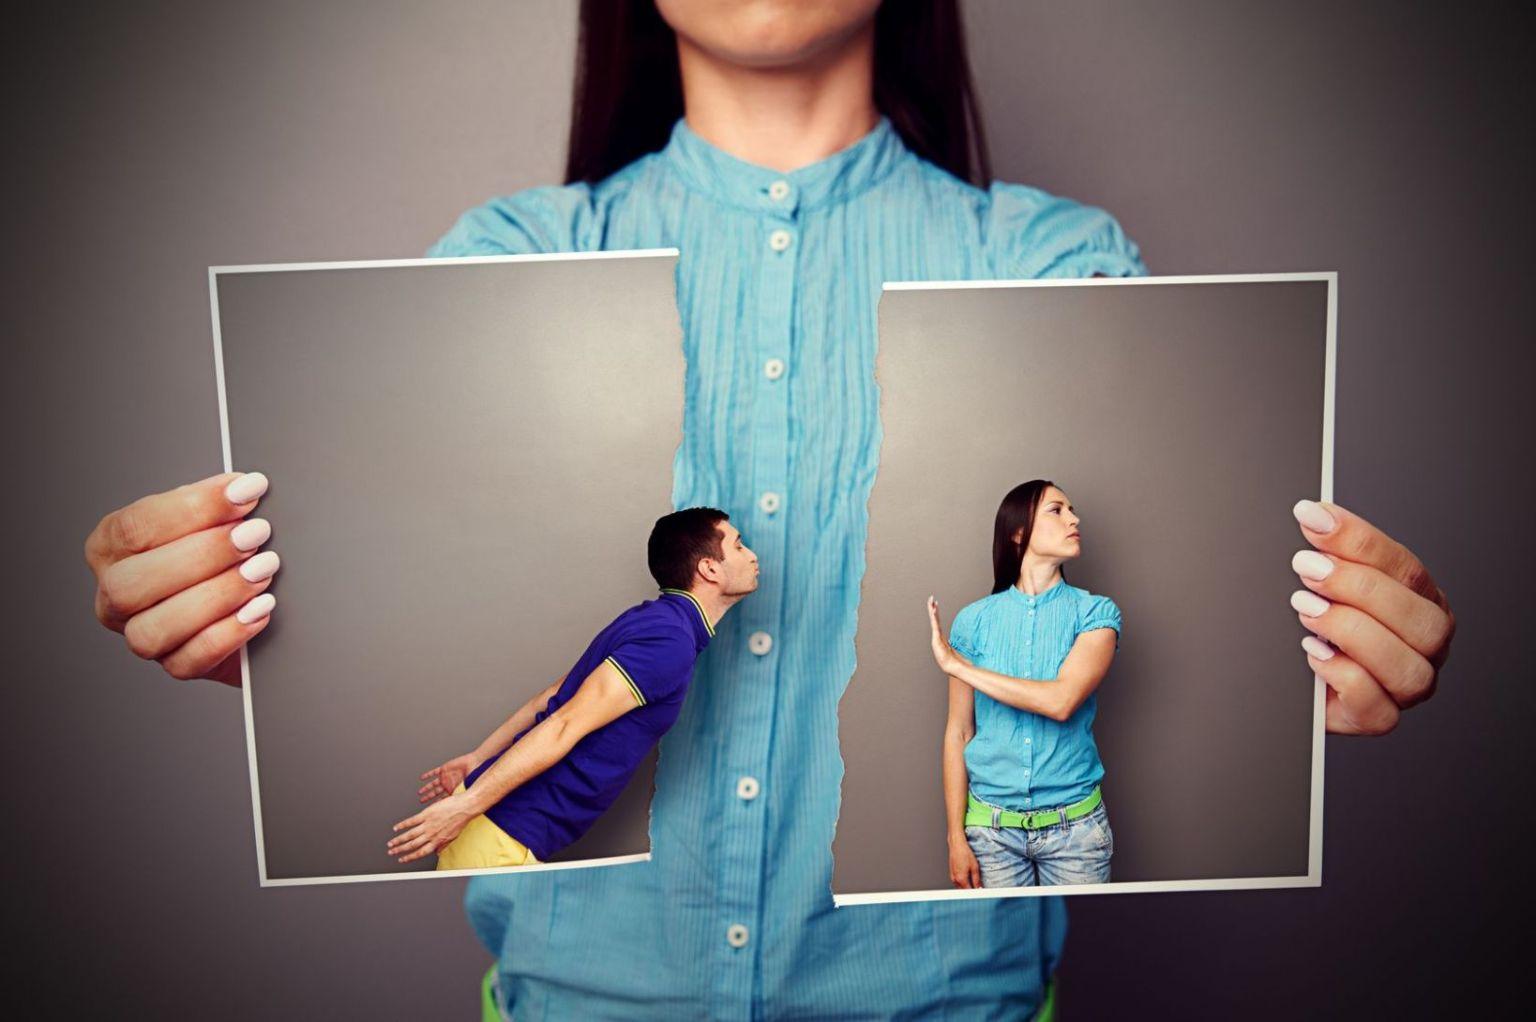 왜 사람들은 헤어진 연인과 다시 연애할까?